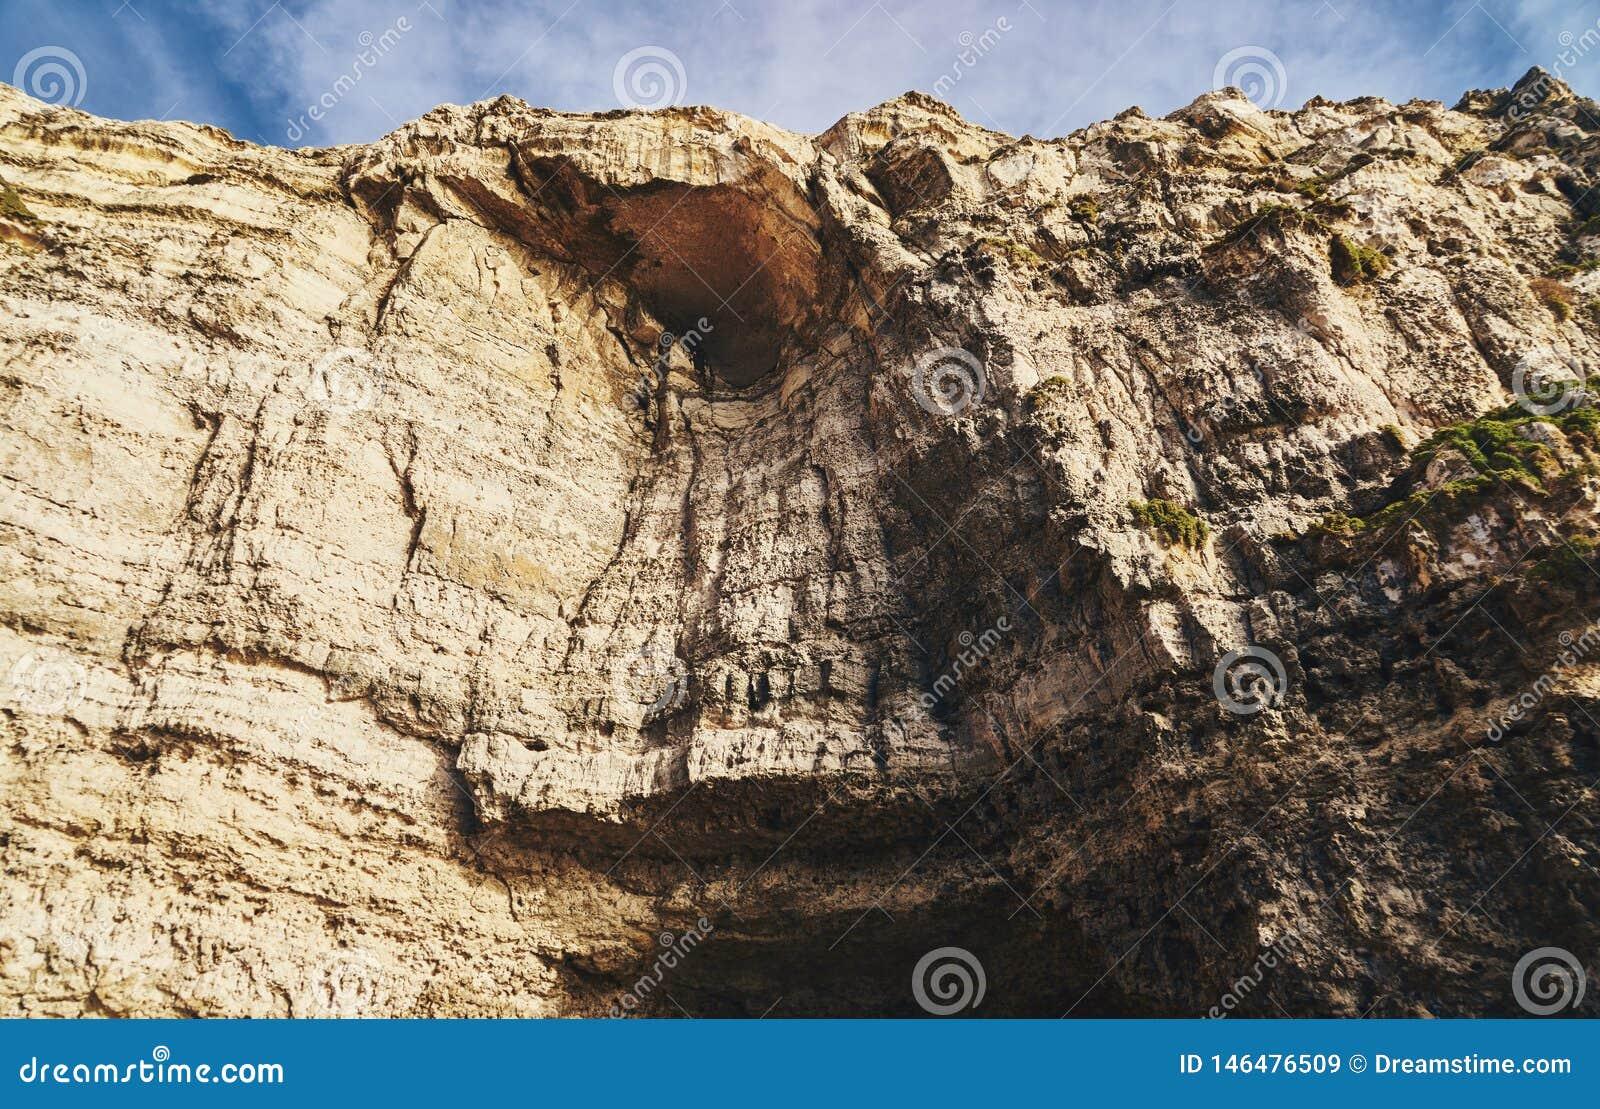 Hoge rotsmuur met hol